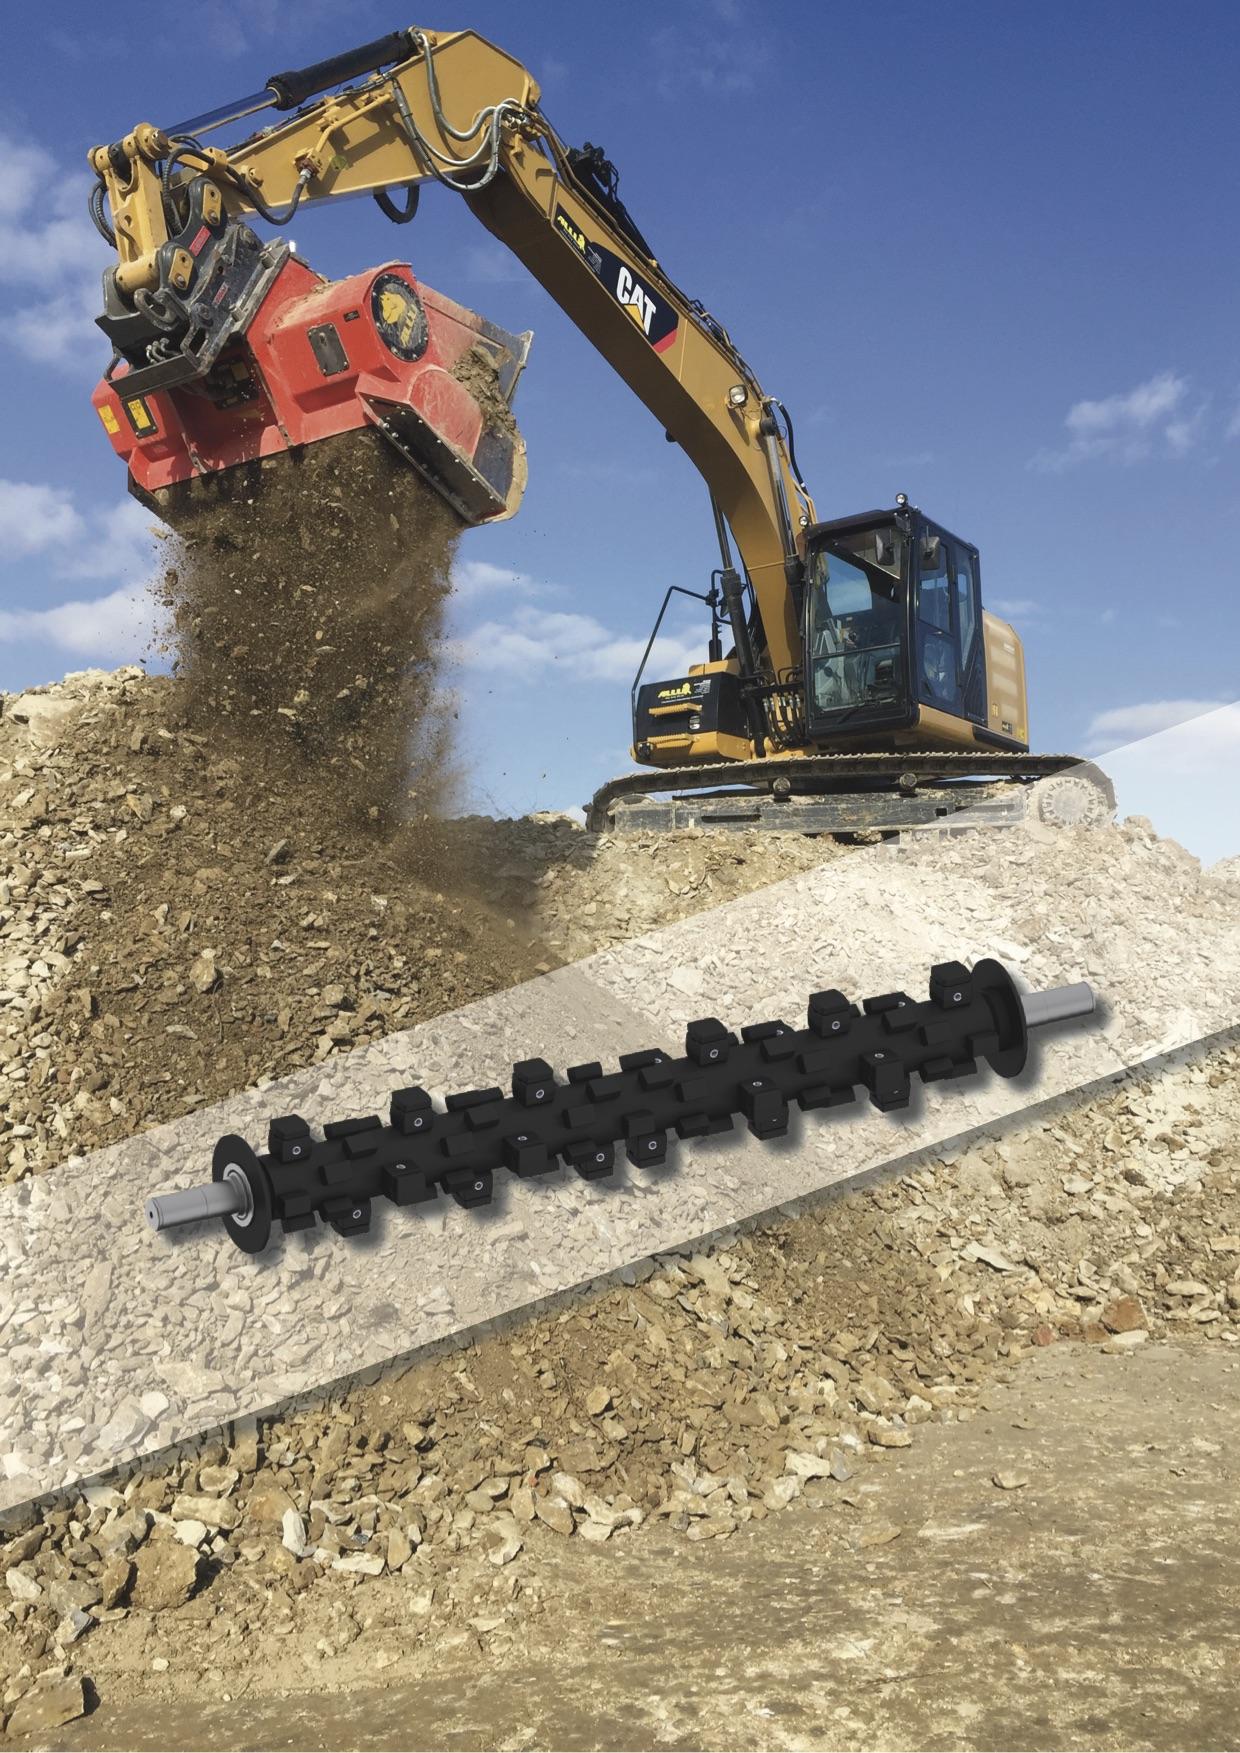 Die Separatoren von Allu eigenen nicht nur den Tief-, Erd- und Straßenbau sondern ebenso für den Einsatz im Recycling.